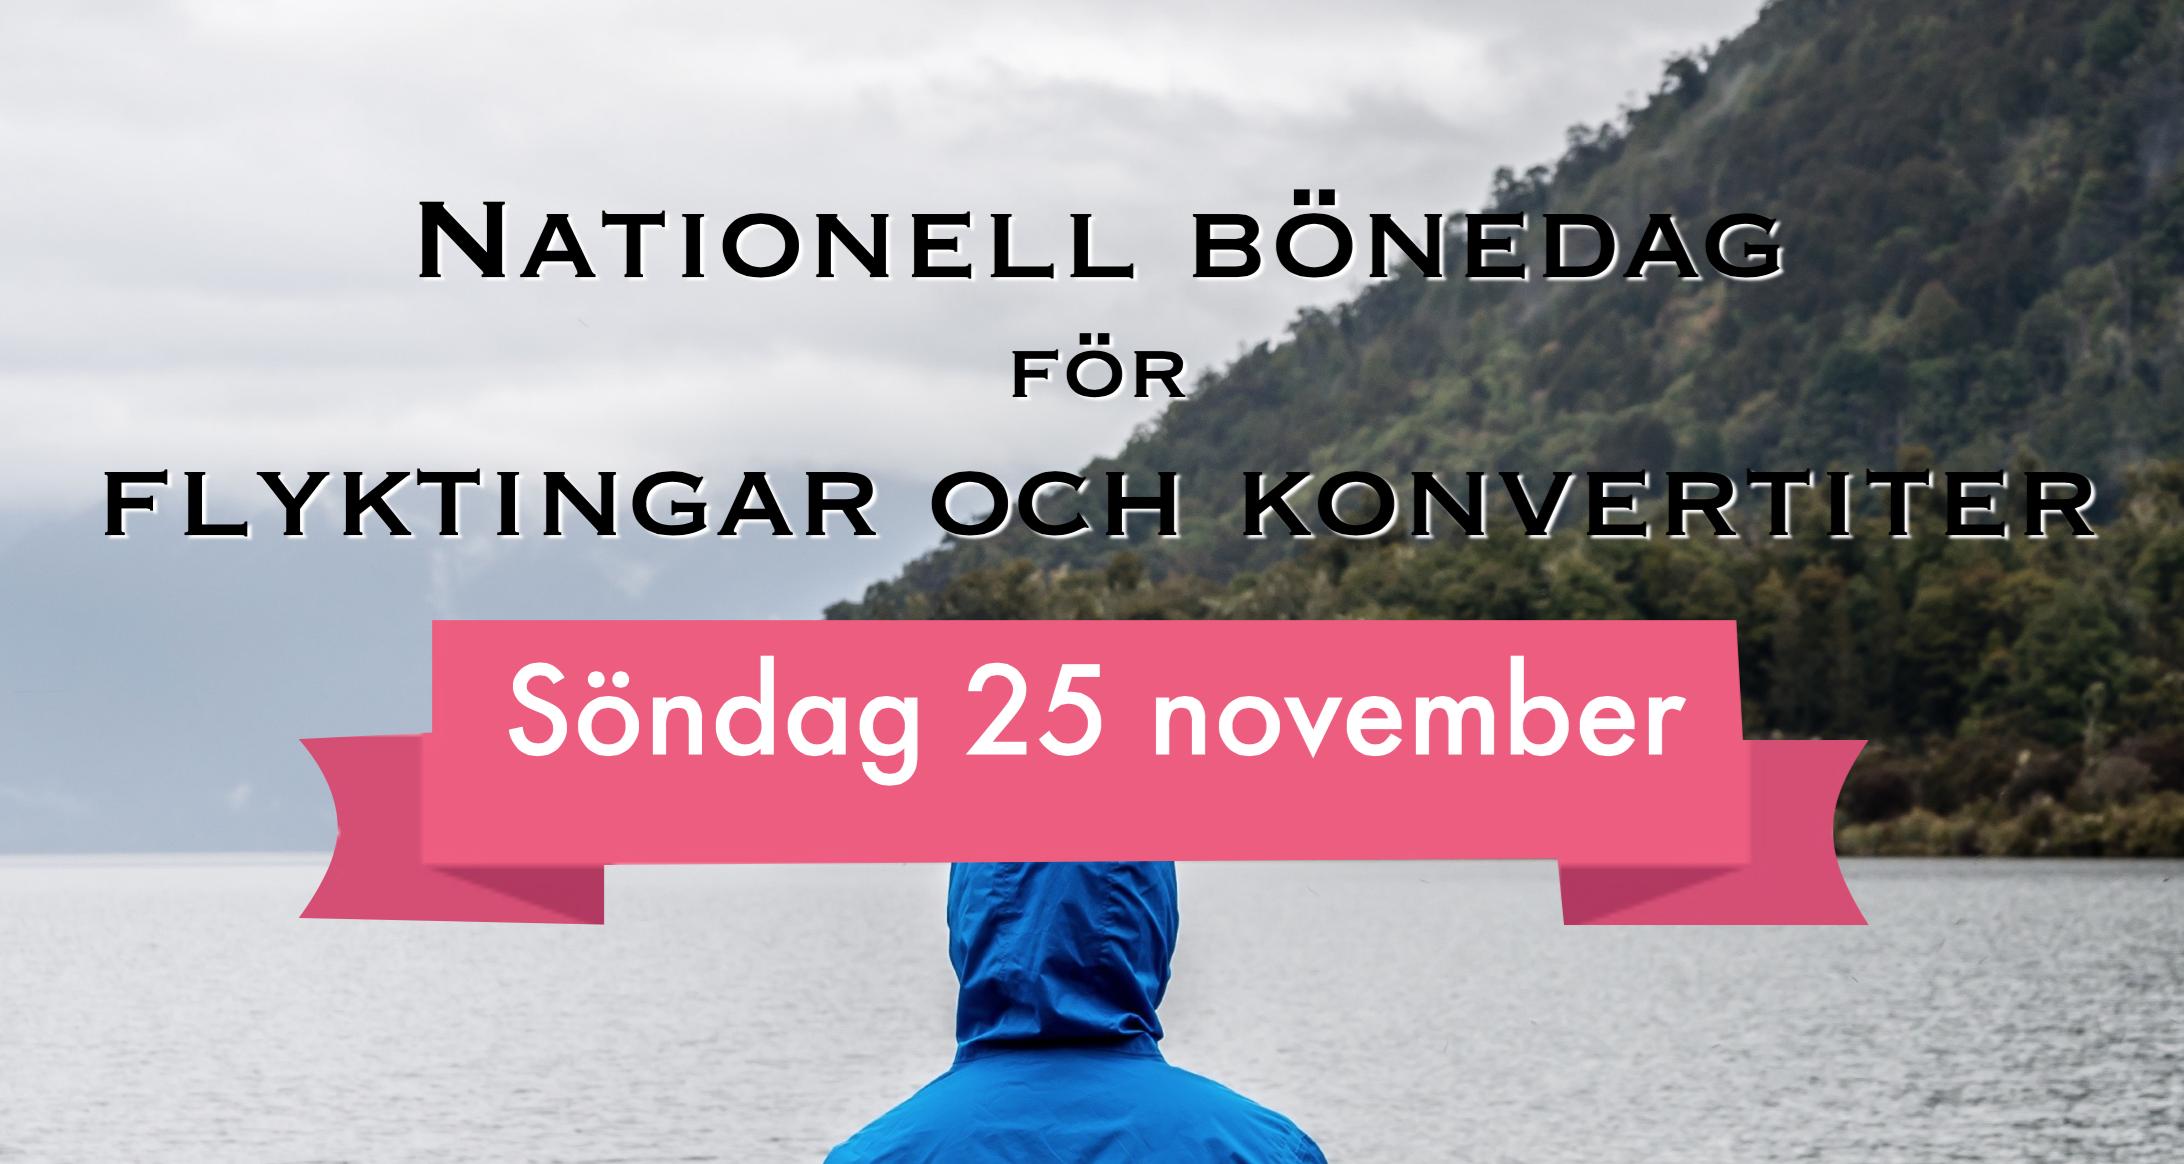 Nationell bönedag för flyktingar och konvertiteter 25 november